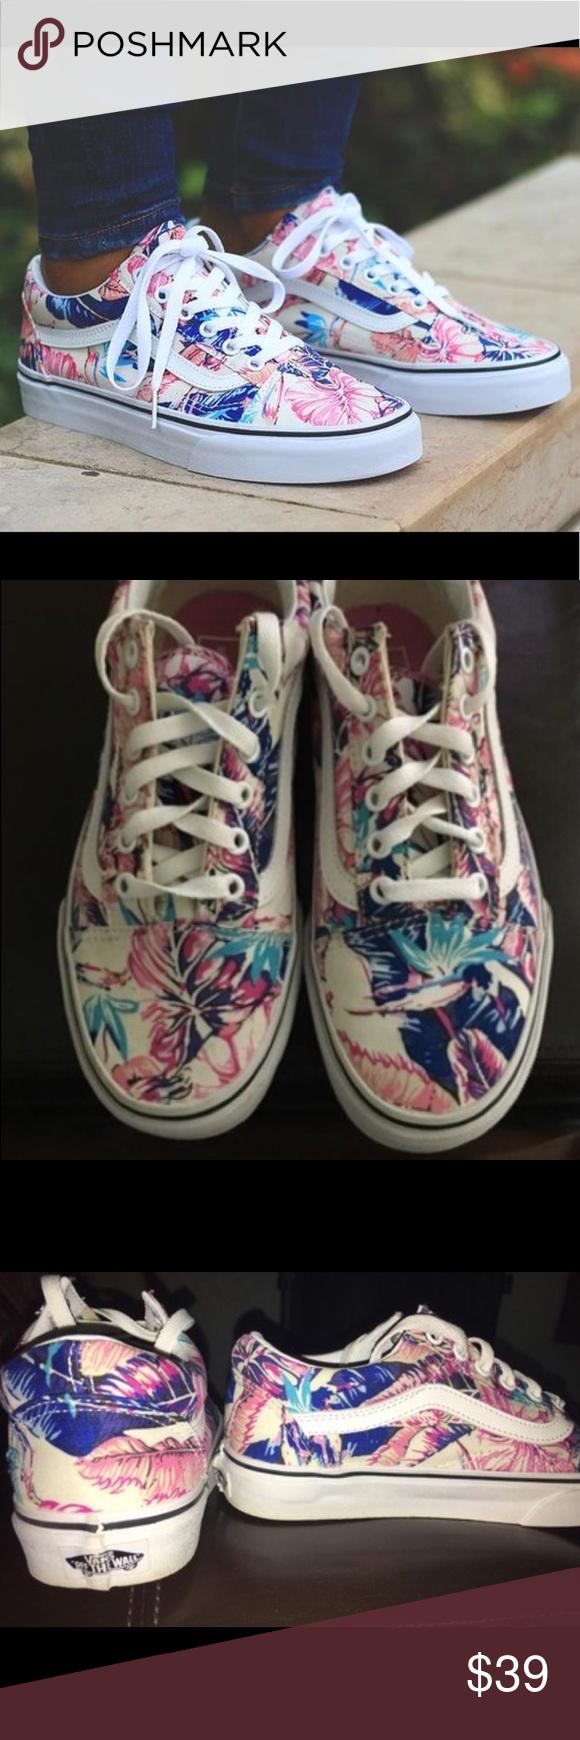 Vans Old Skool tropical Floral sneakers 6.5 Little too big